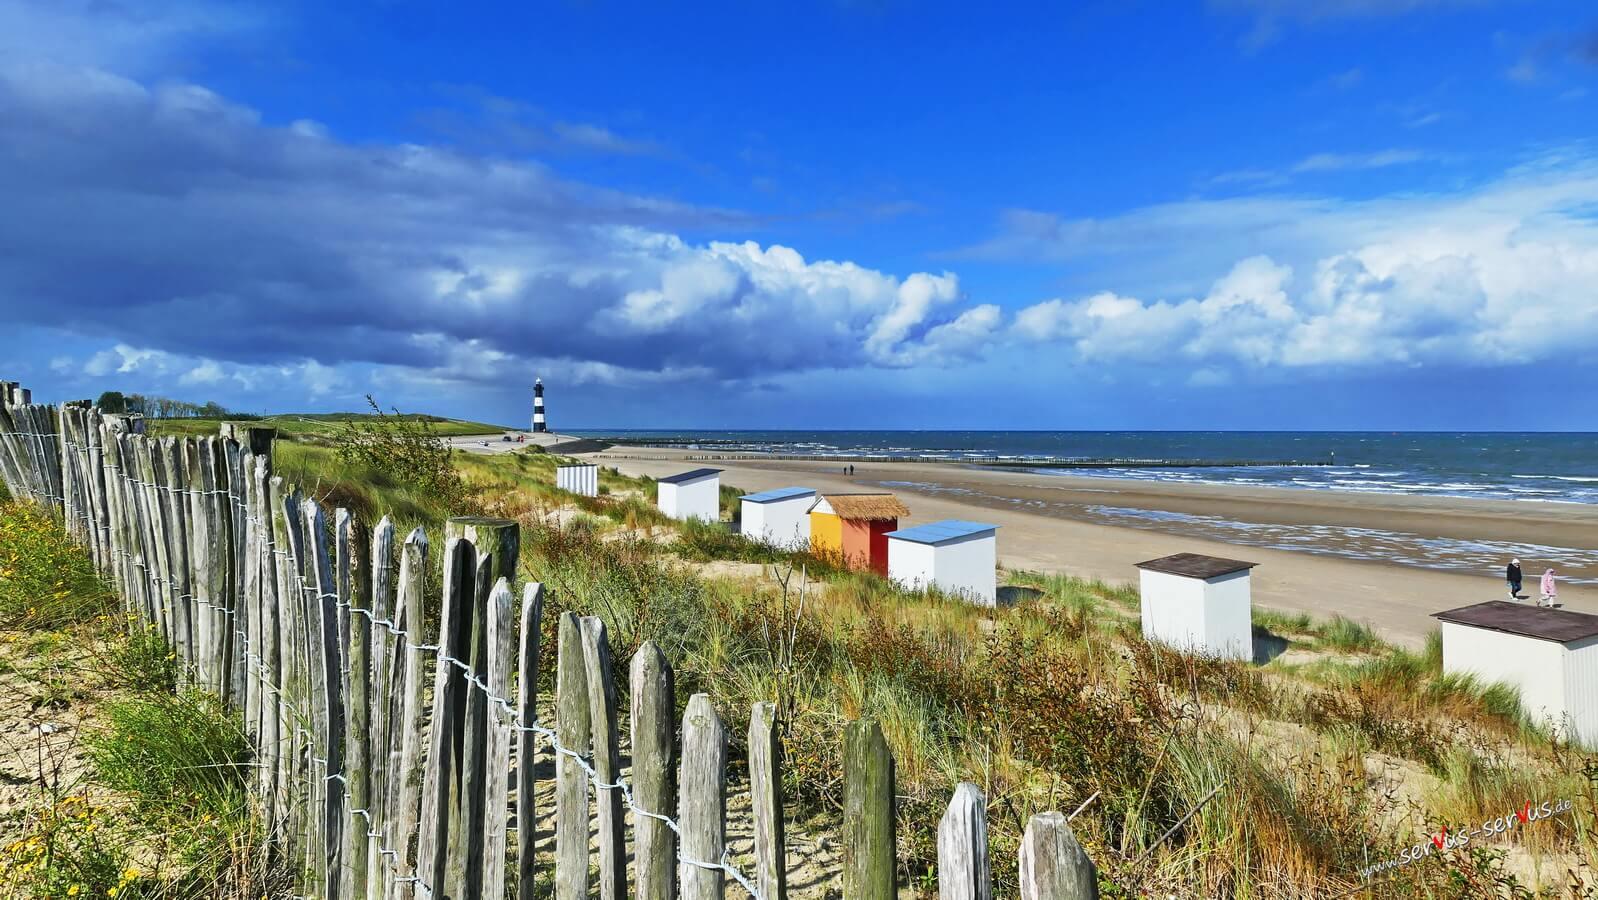 Strand und Leuchtturm am Strand von Breskens, Holland, Zeeland